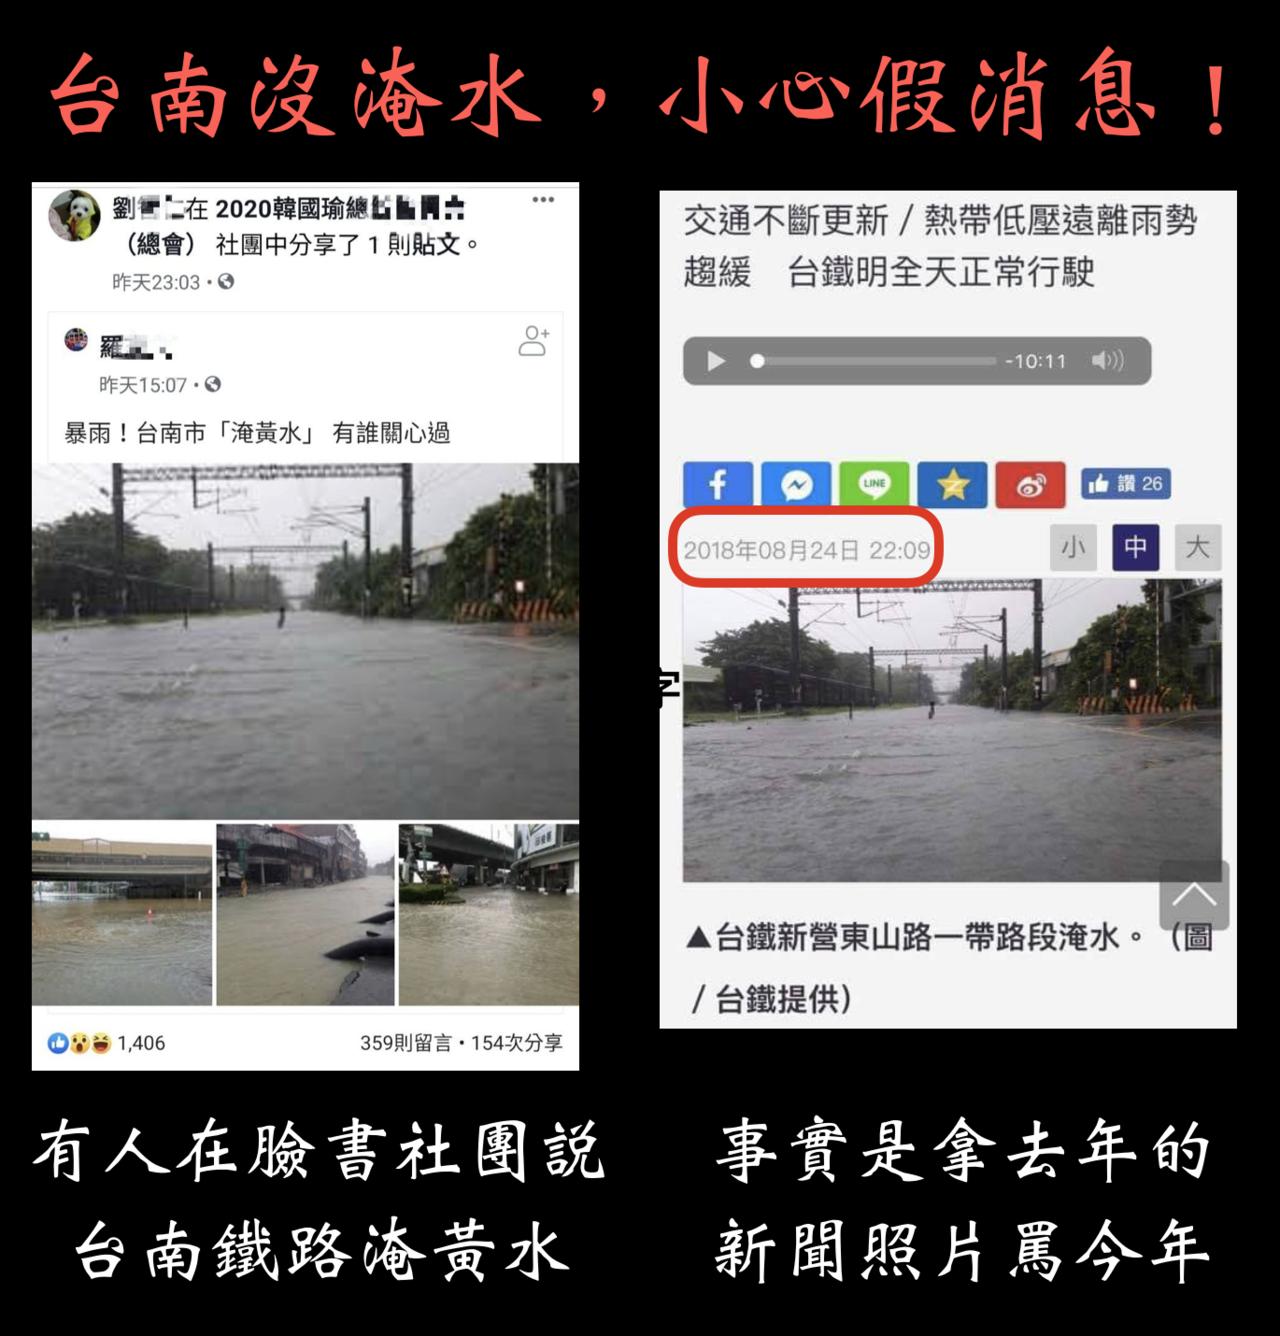 有人在臉書社團以去年8月台南新營鐵路淹水照片說成昨天台南淹大水,有誰關心過,被人...